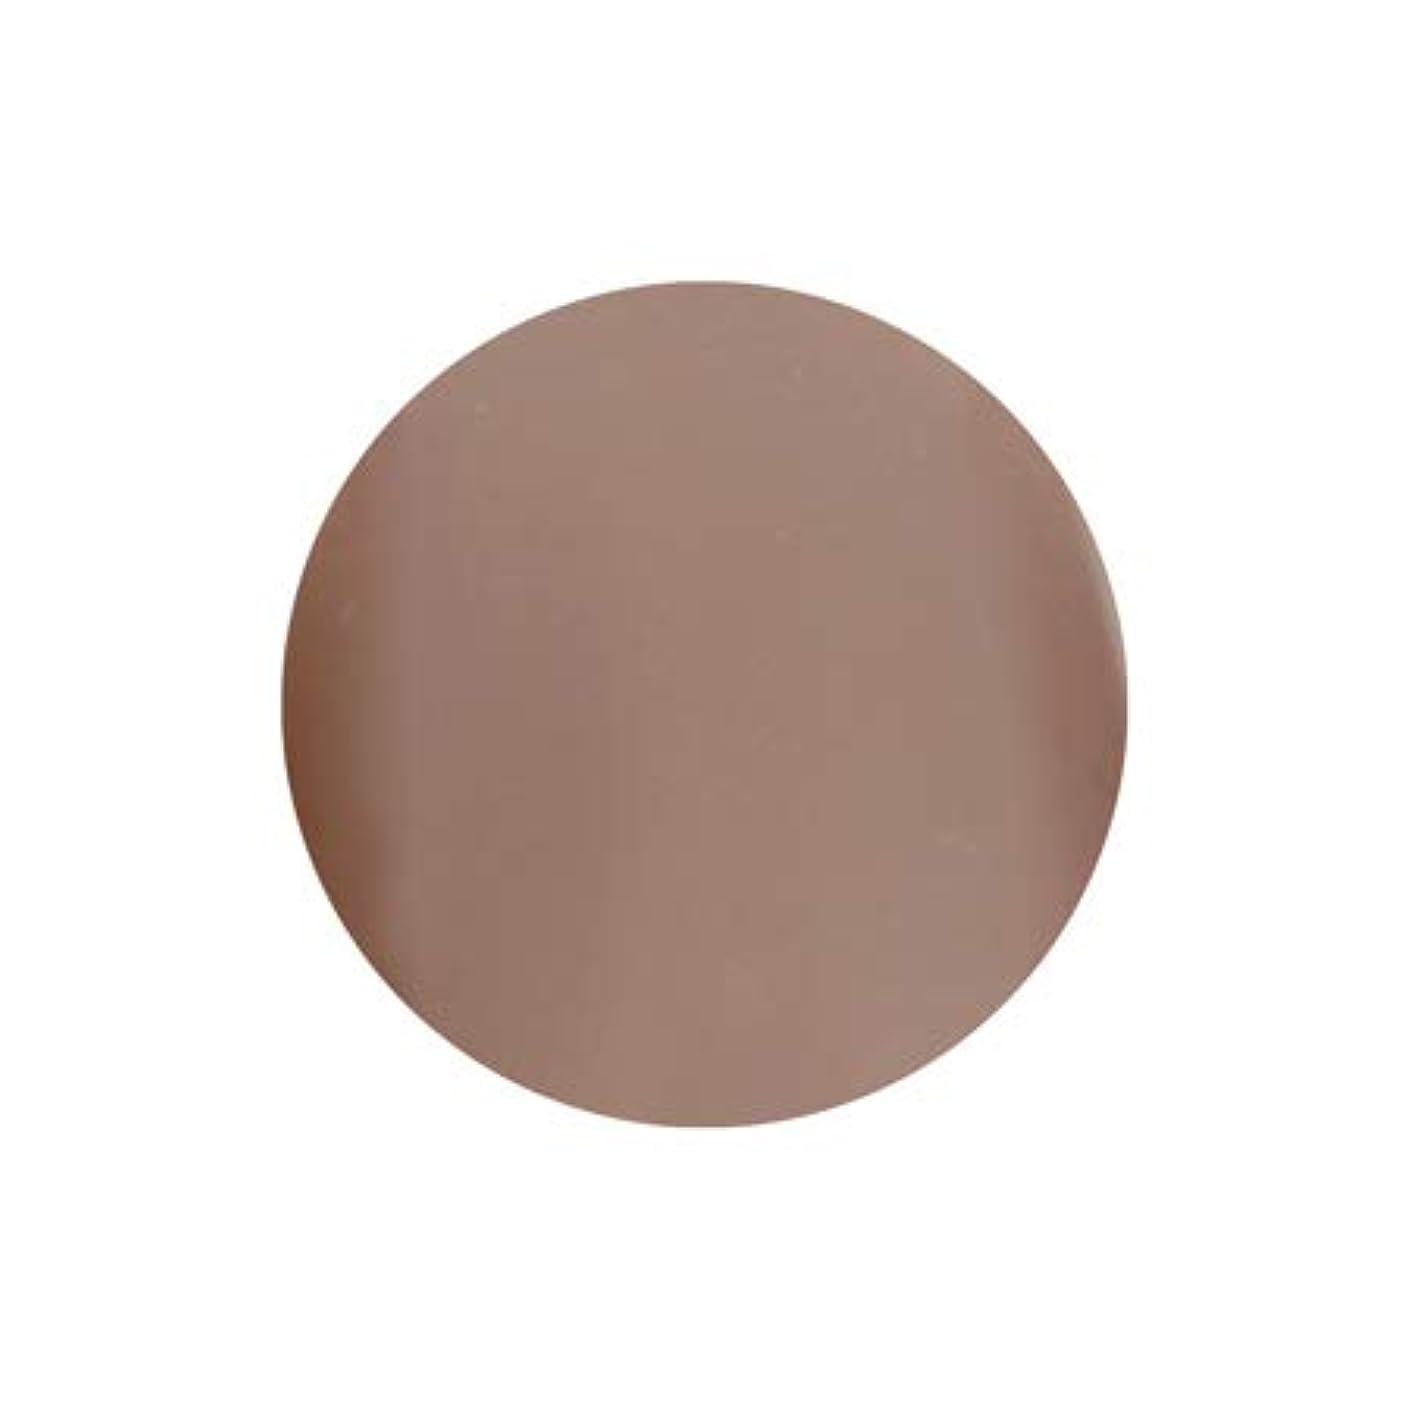 ペネロペテレックススコットランド人T-GEL COLLECTION カラージェル D227 シフォングレージュ 4ml